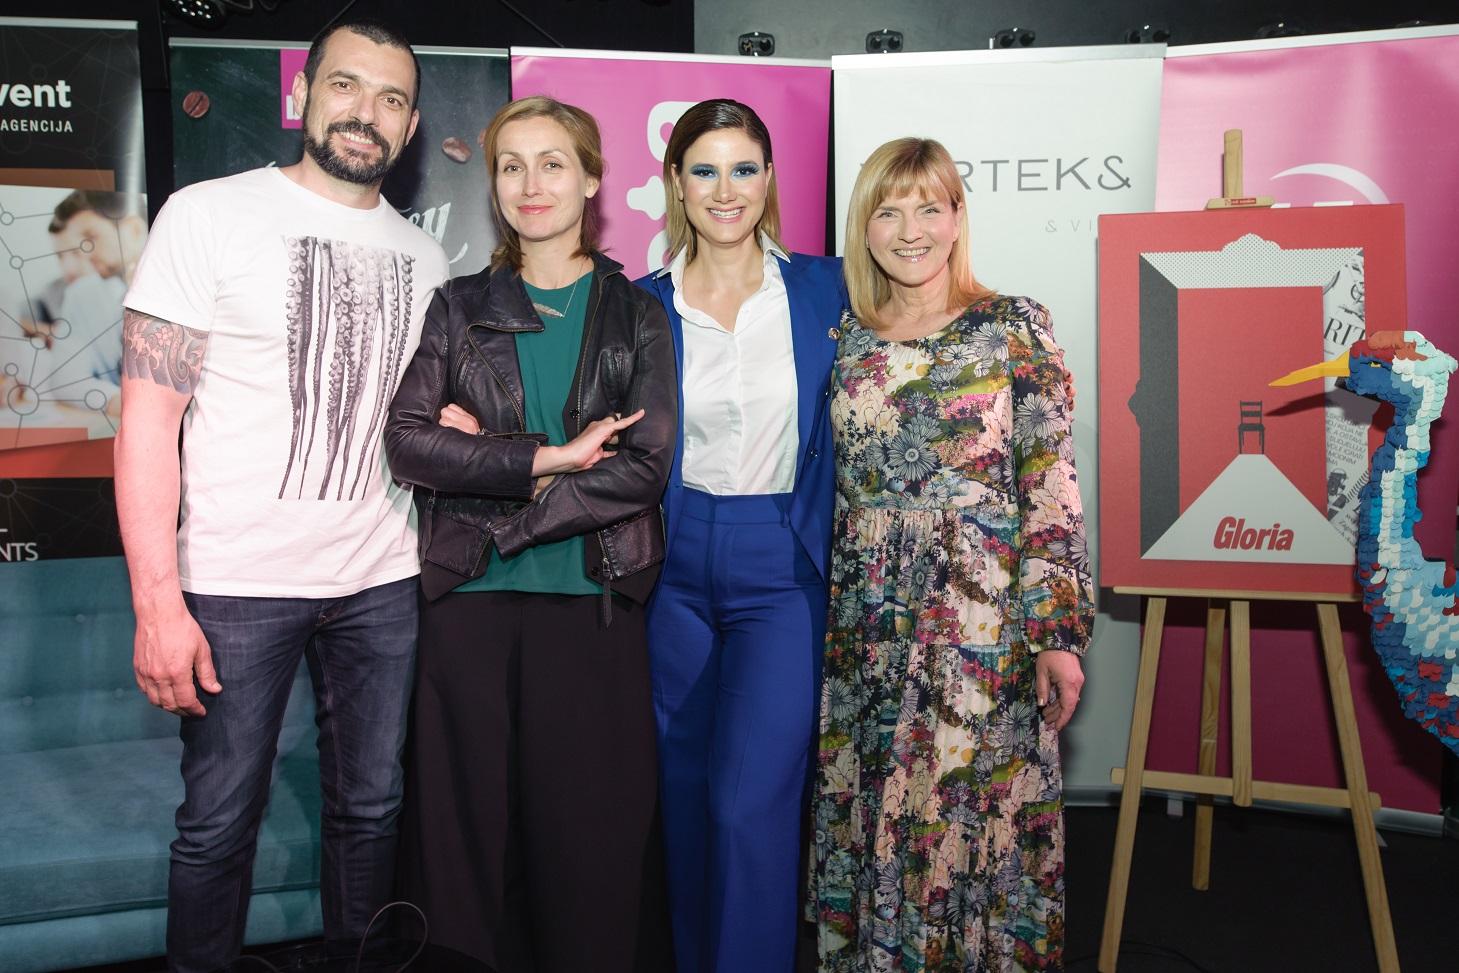 Željka Klemenčić, David Skoko, Marijana Perinić i Sanja Doležal